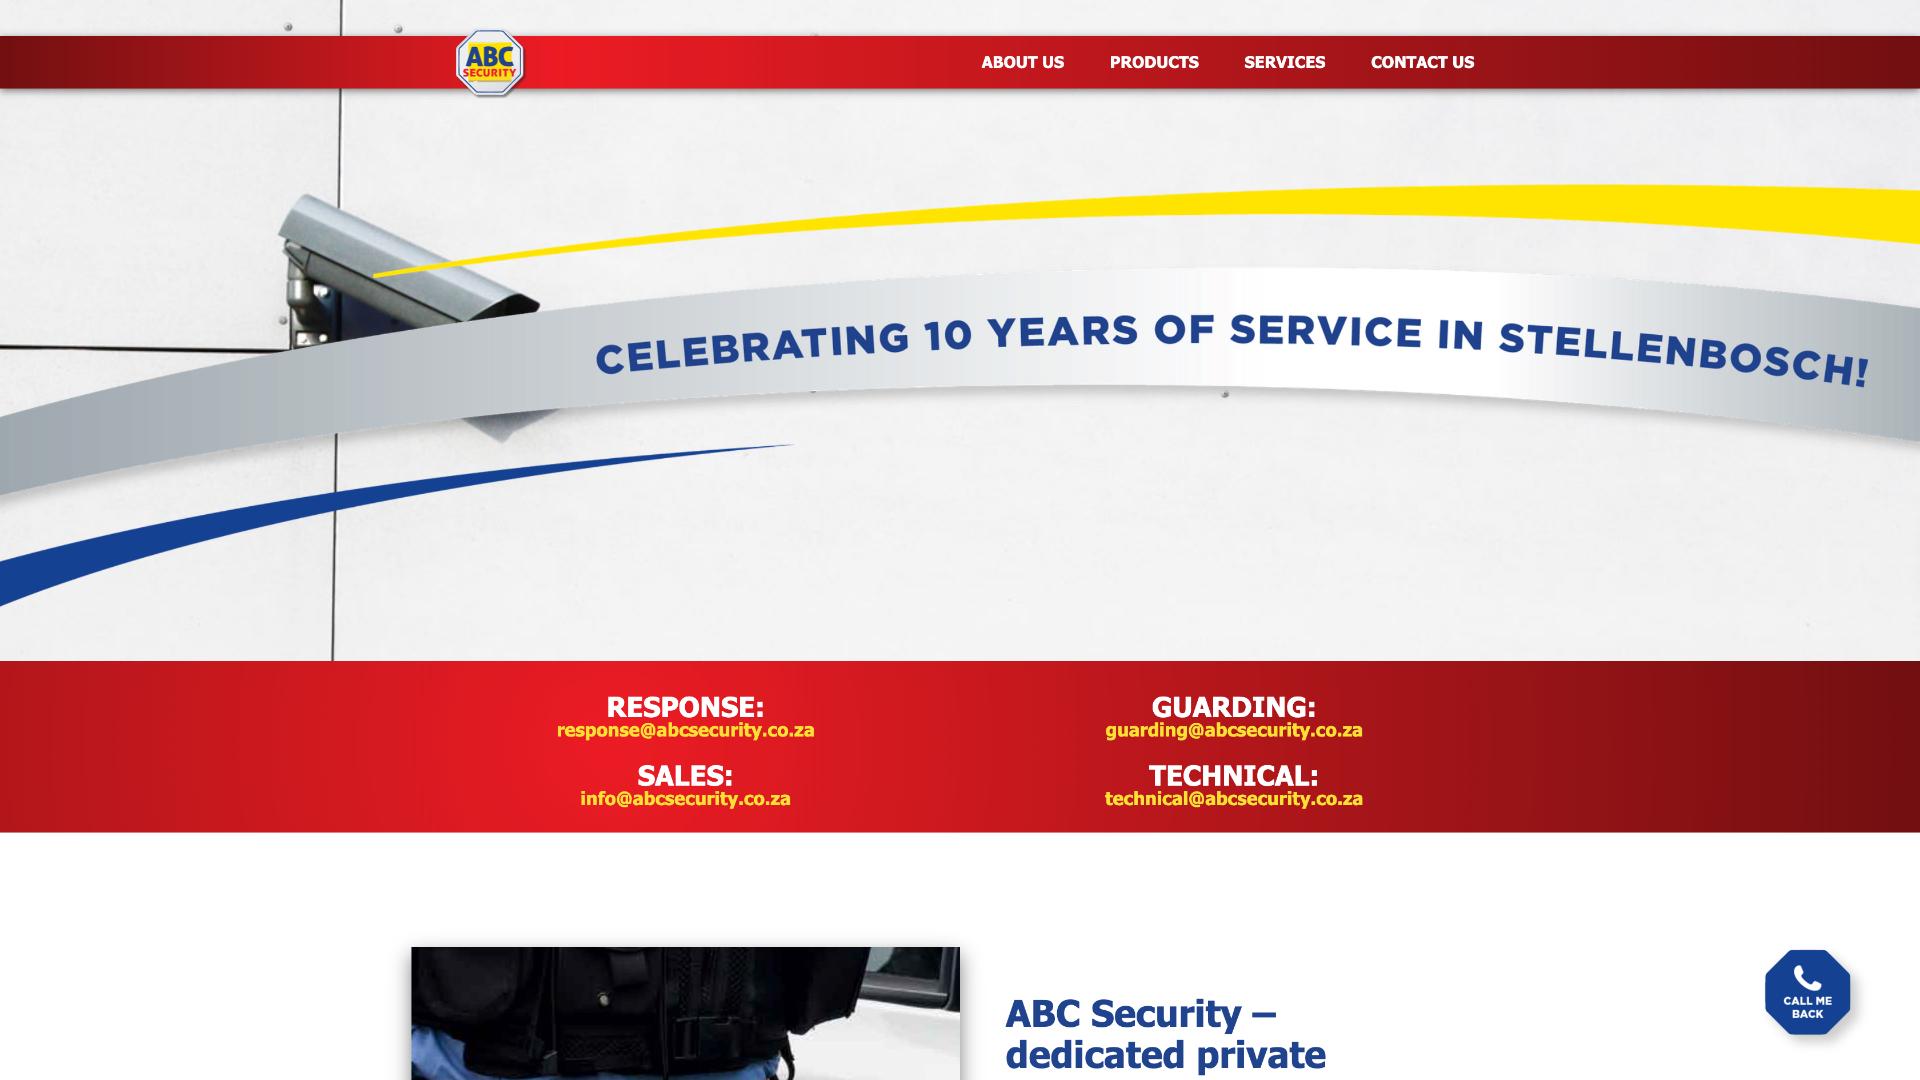 Website Hero Design